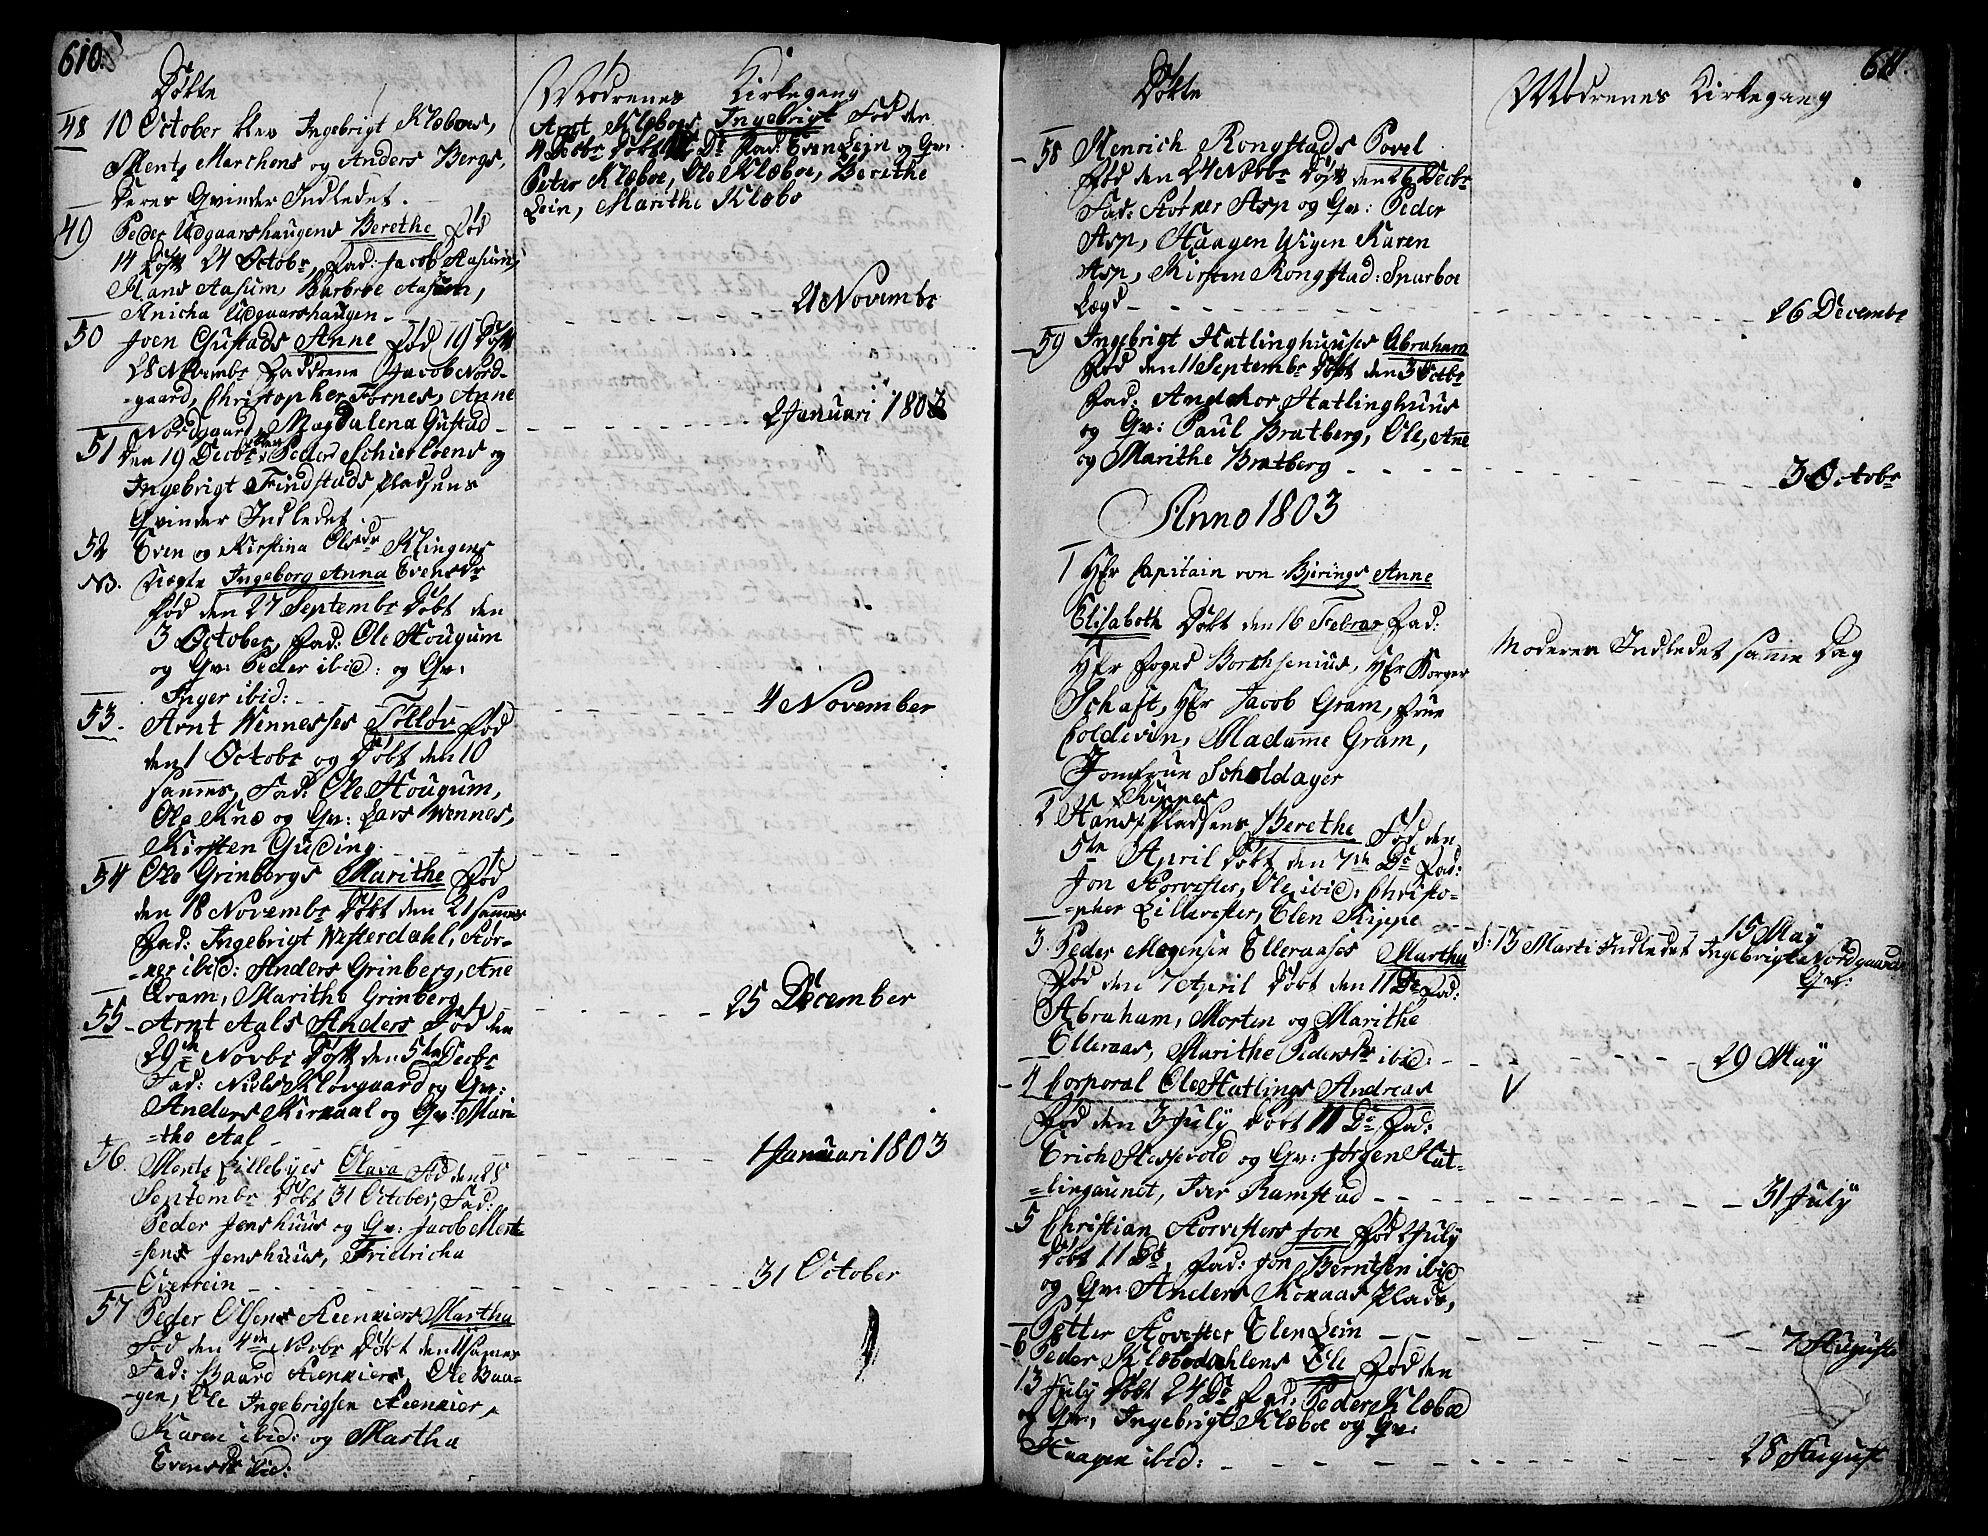 SAT, Ministerialprotokoller, klokkerbøker og fødselsregistre - Nord-Trøndelag, 746/L0440: Ministerialbok nr. 746A02, 1760-1815, s. 610-611